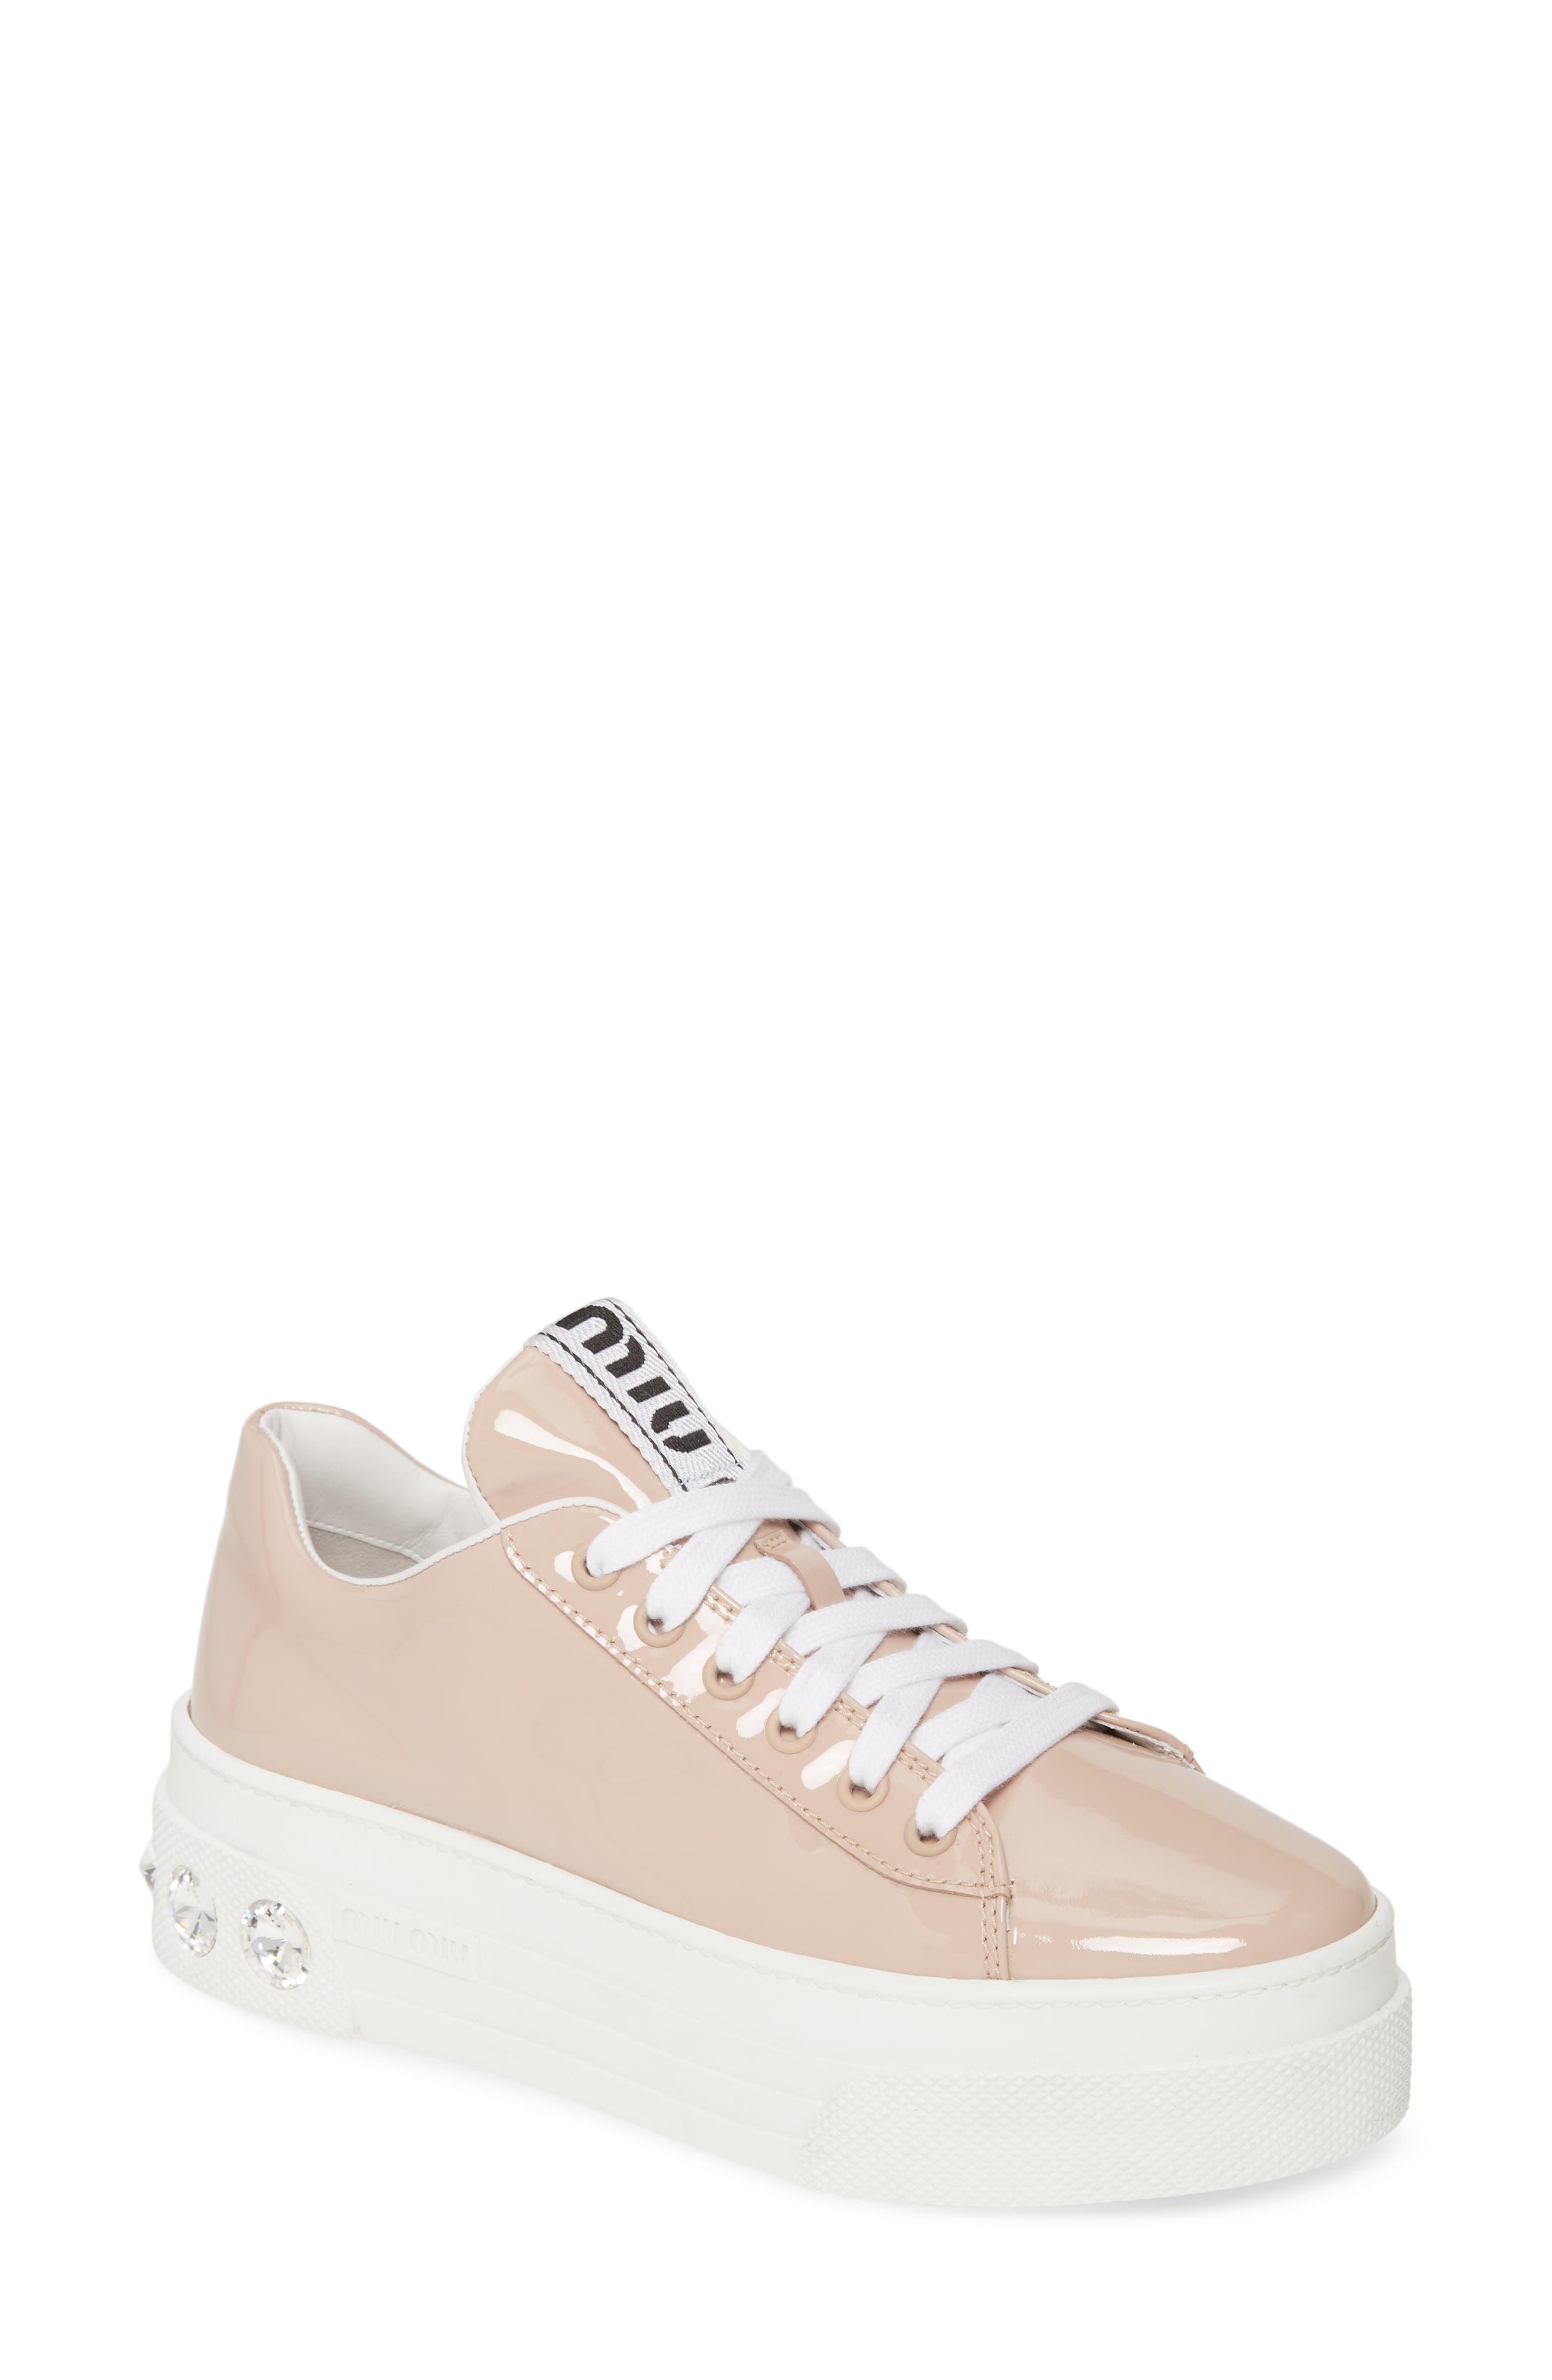 Miu Miu Crystal Detail Skate Sneaker, Beige